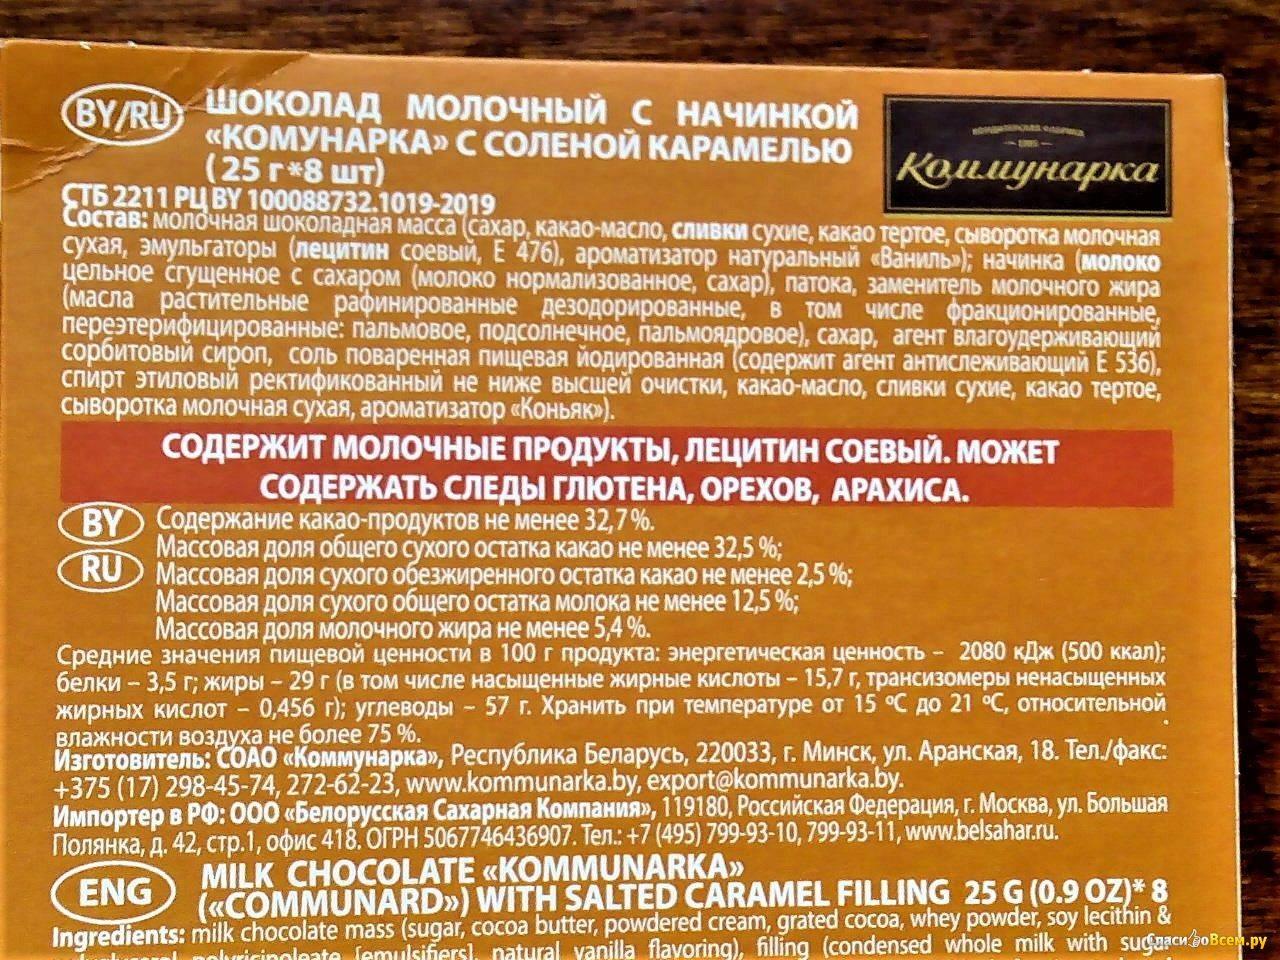 Какао «коммунарка»: отзывы, состав